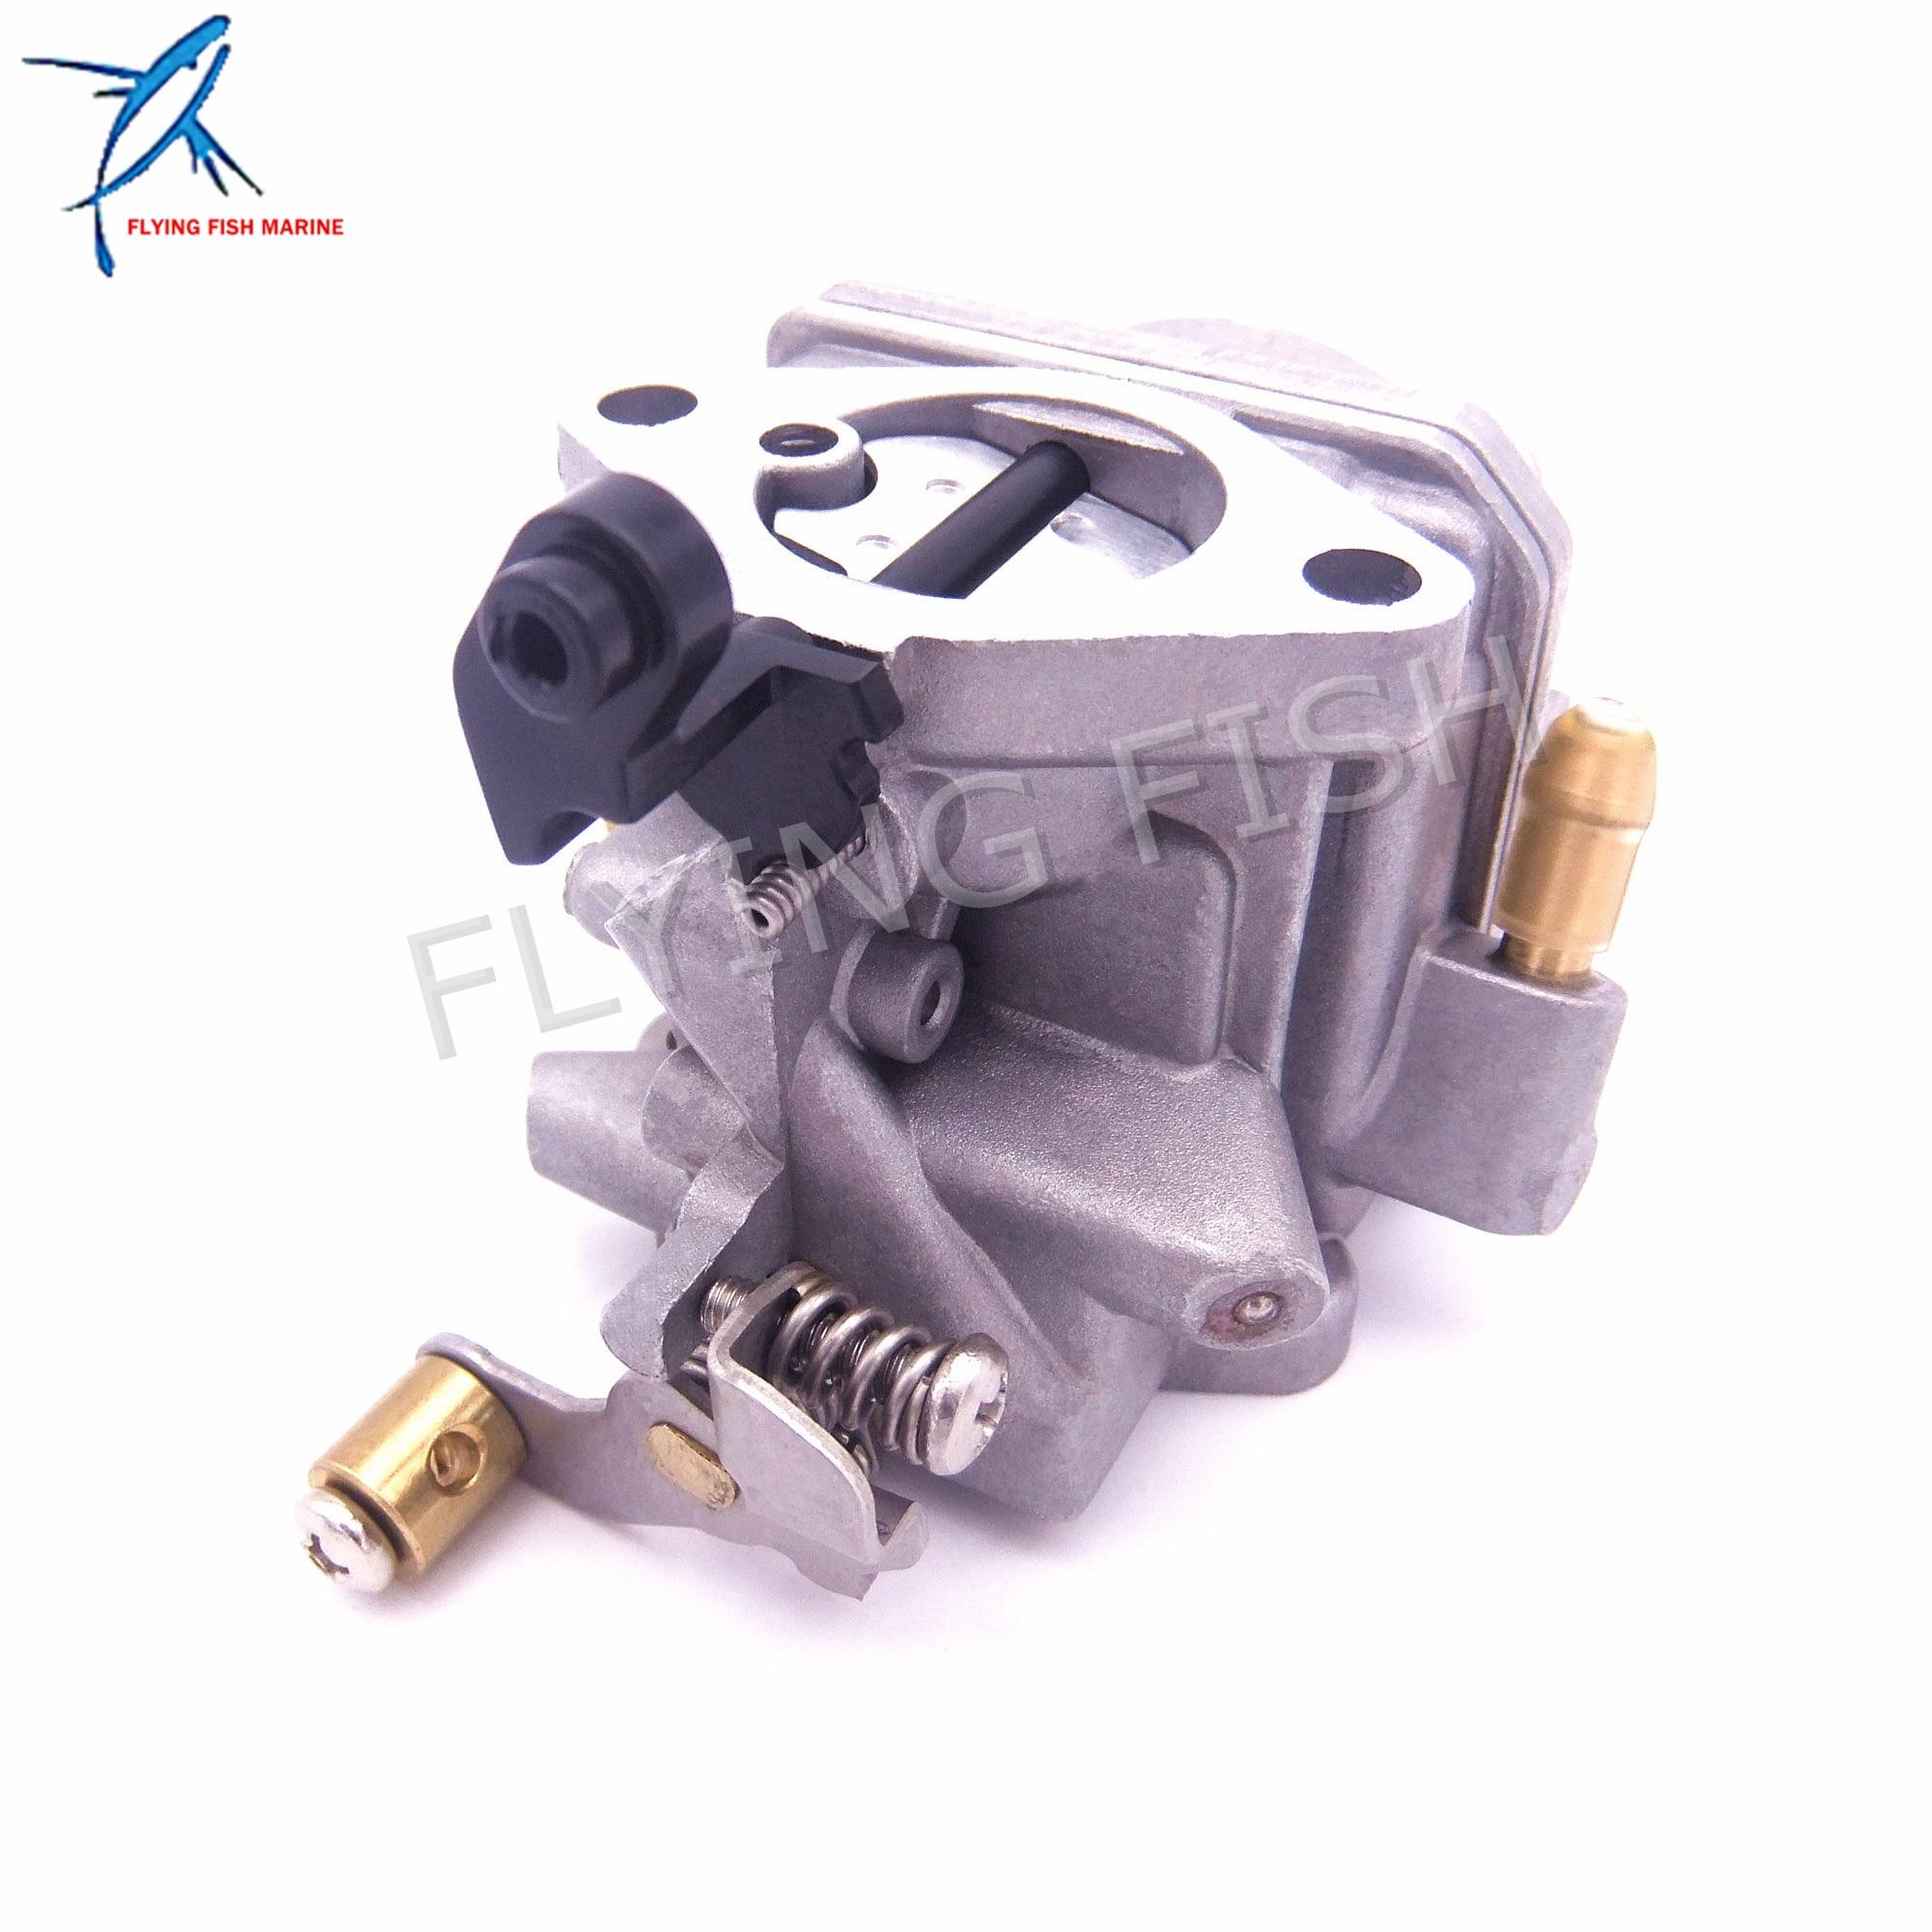 Bateau Moteur Carburateur Assy 6BX-14301-10 6BX-14301-11 6BX-14301-00 pour Yamaha 4-course F6 Hors-Bord Moteur